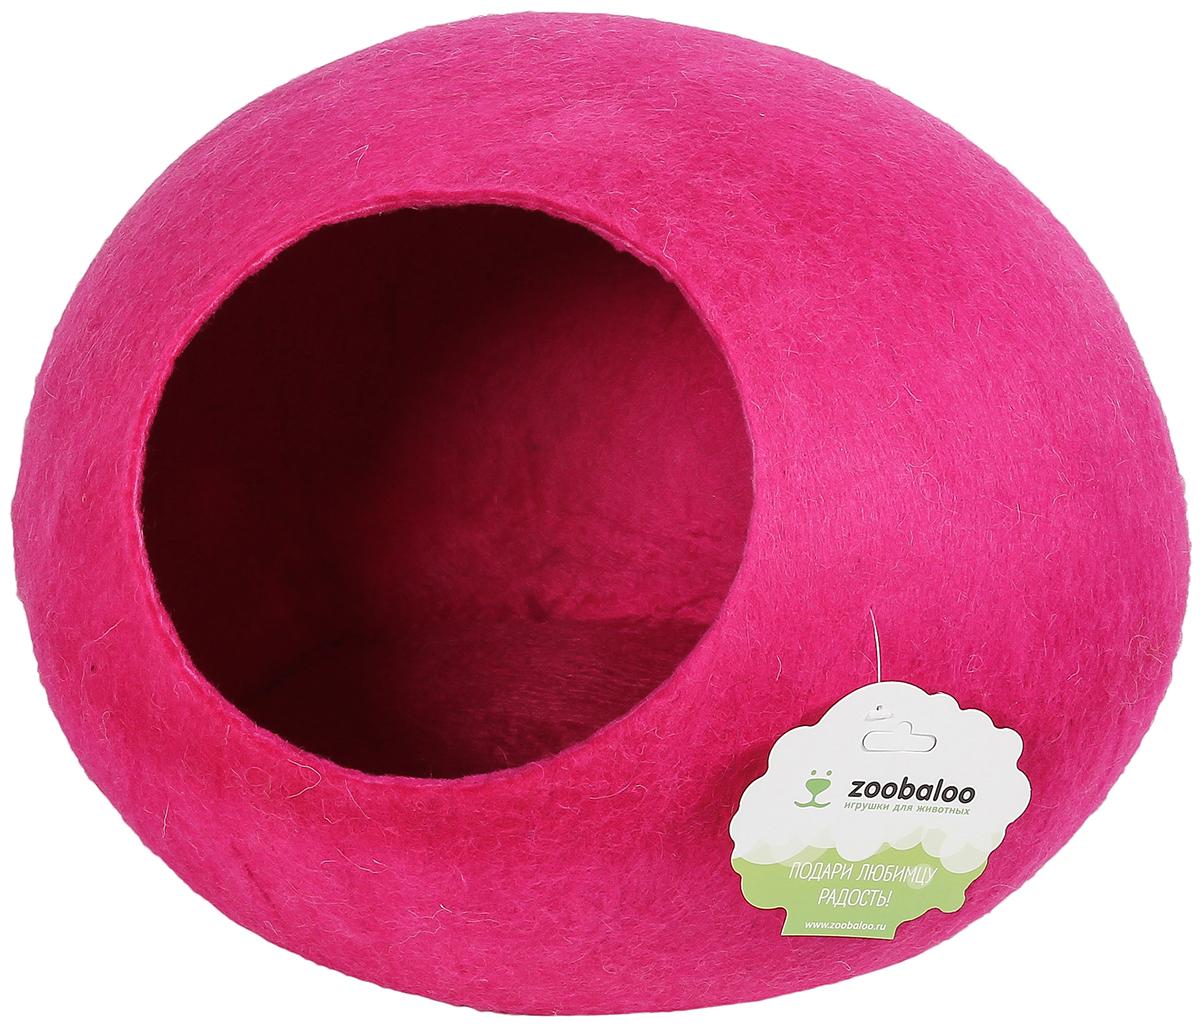 Домик-слипер для животных Zoobaloo WoolPetHouse, цвет: малиновый, размер M домик слипер для животных zoobaloo woolpethouse с ушками цвет синий размер l